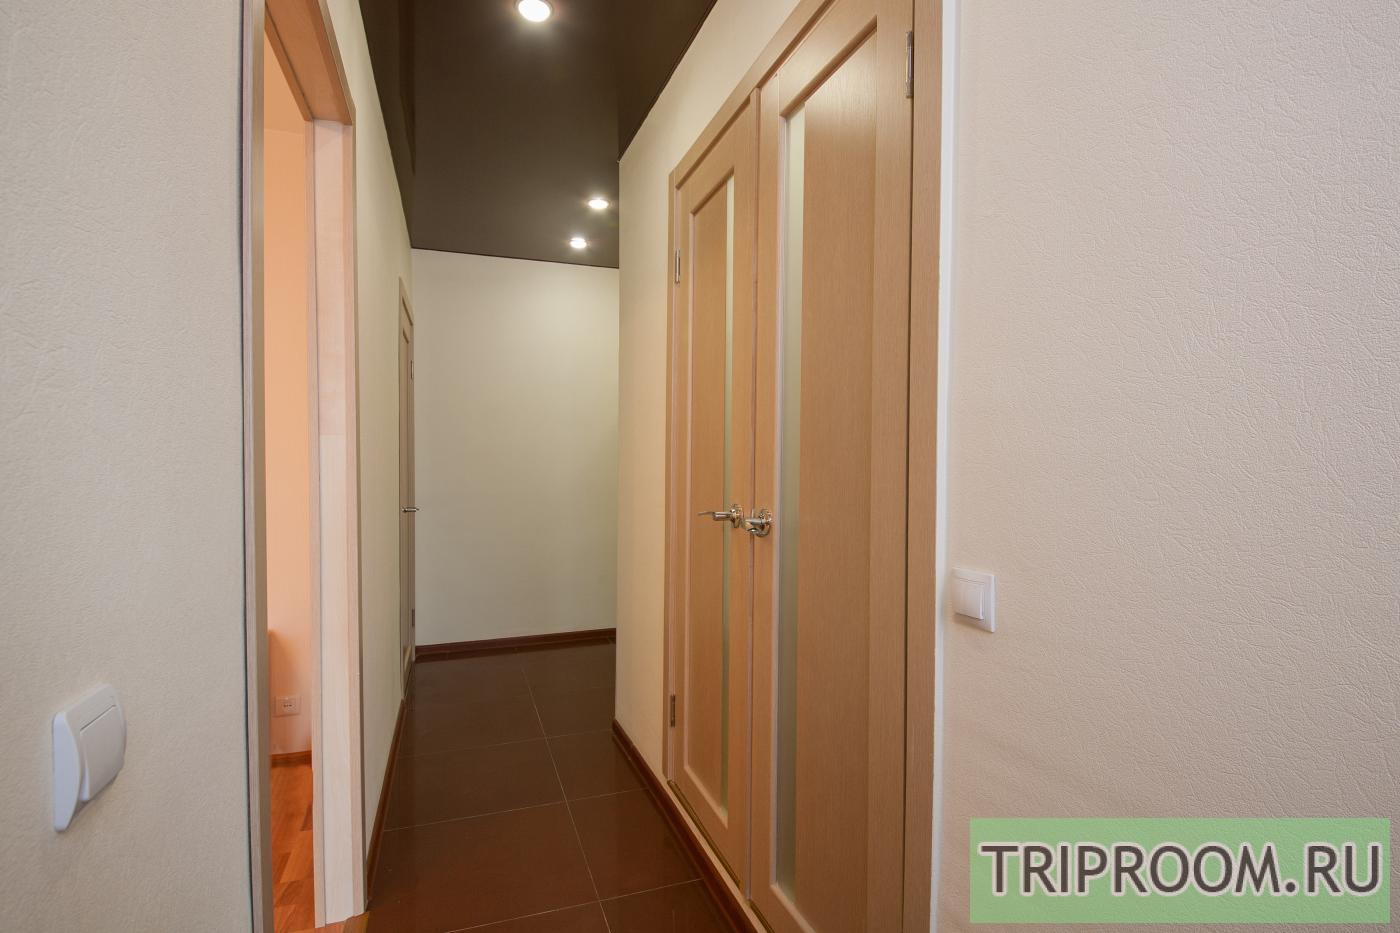 1-комнатная квартира посуточно (вариант № 16059), ул. Республики улица, фото № 4